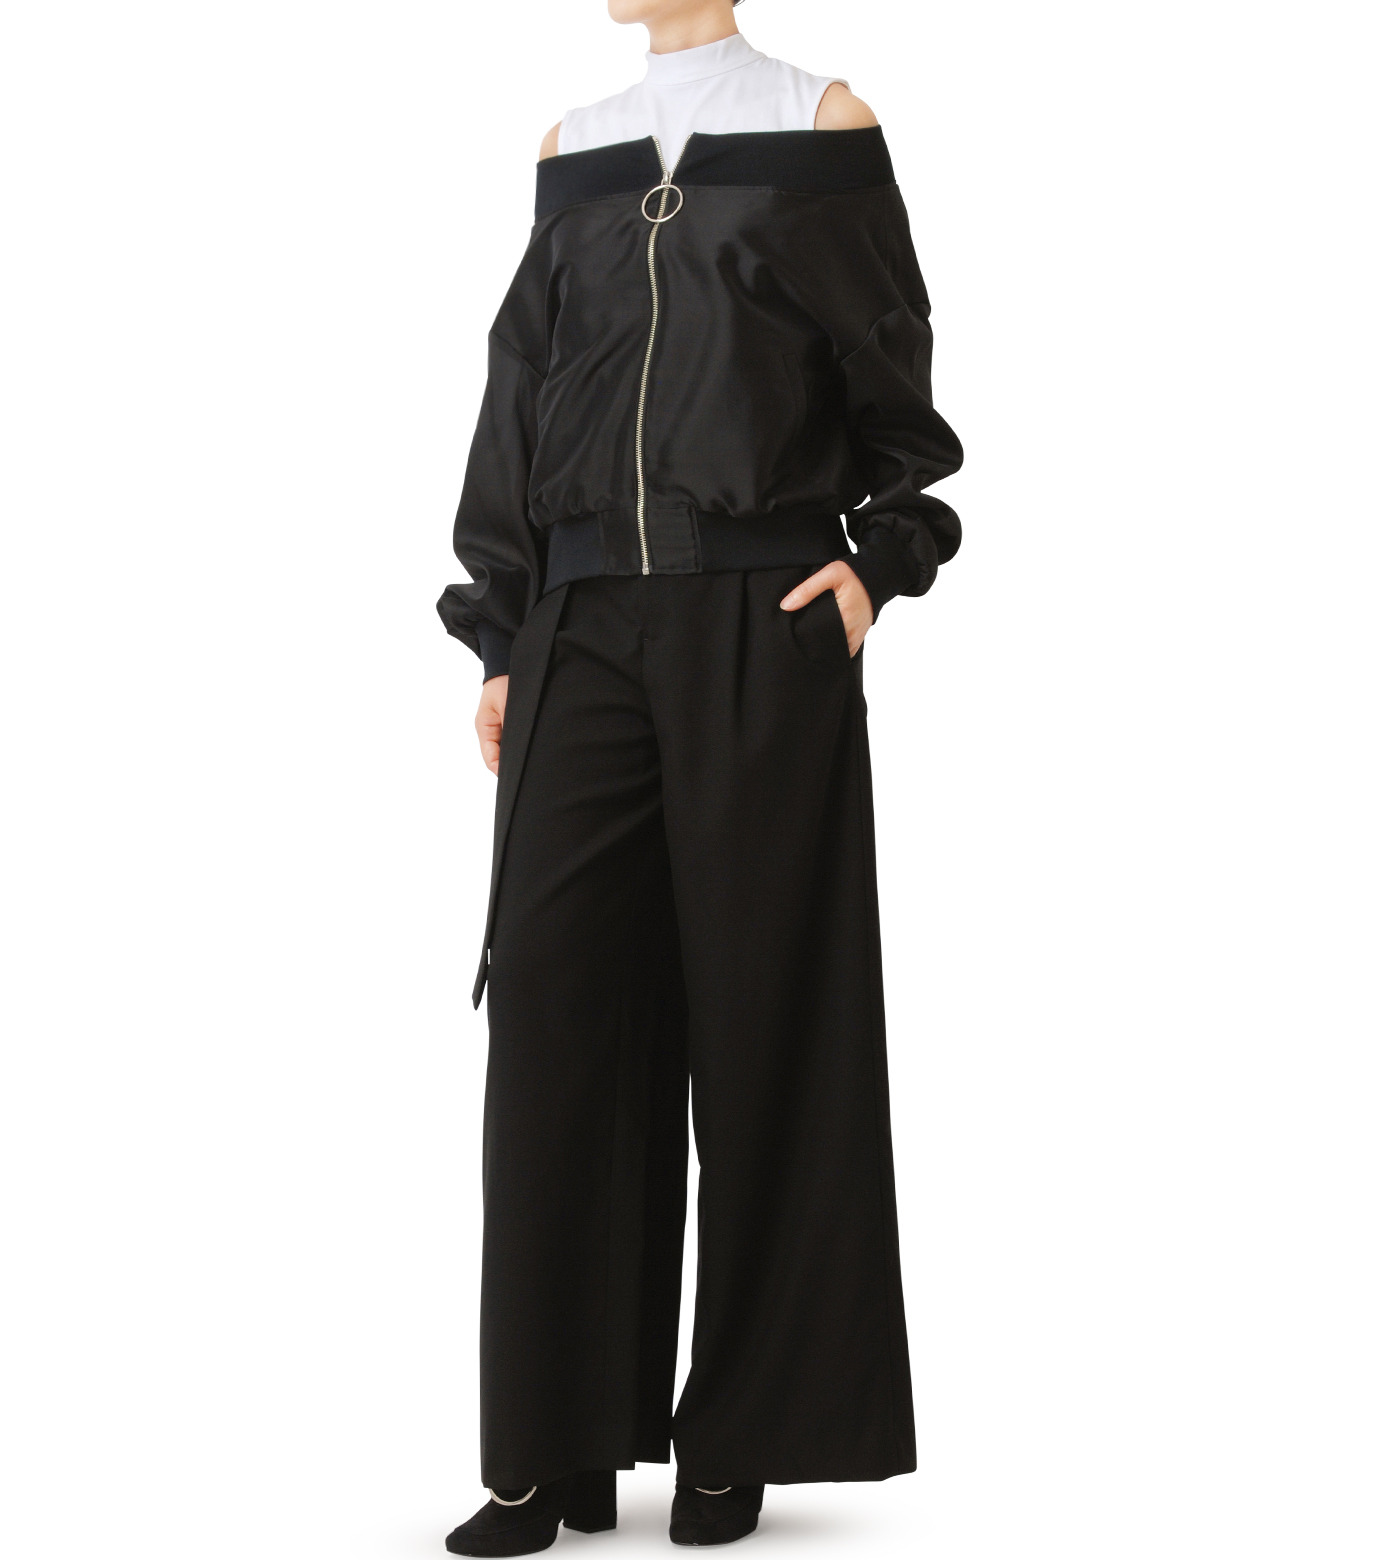 LE CIEL BLEU(ルシェルブルー)のシアーオフショルダーブルゾン-BLACK(ジャケット/jacket)-18A64003 拡大詳細画像3